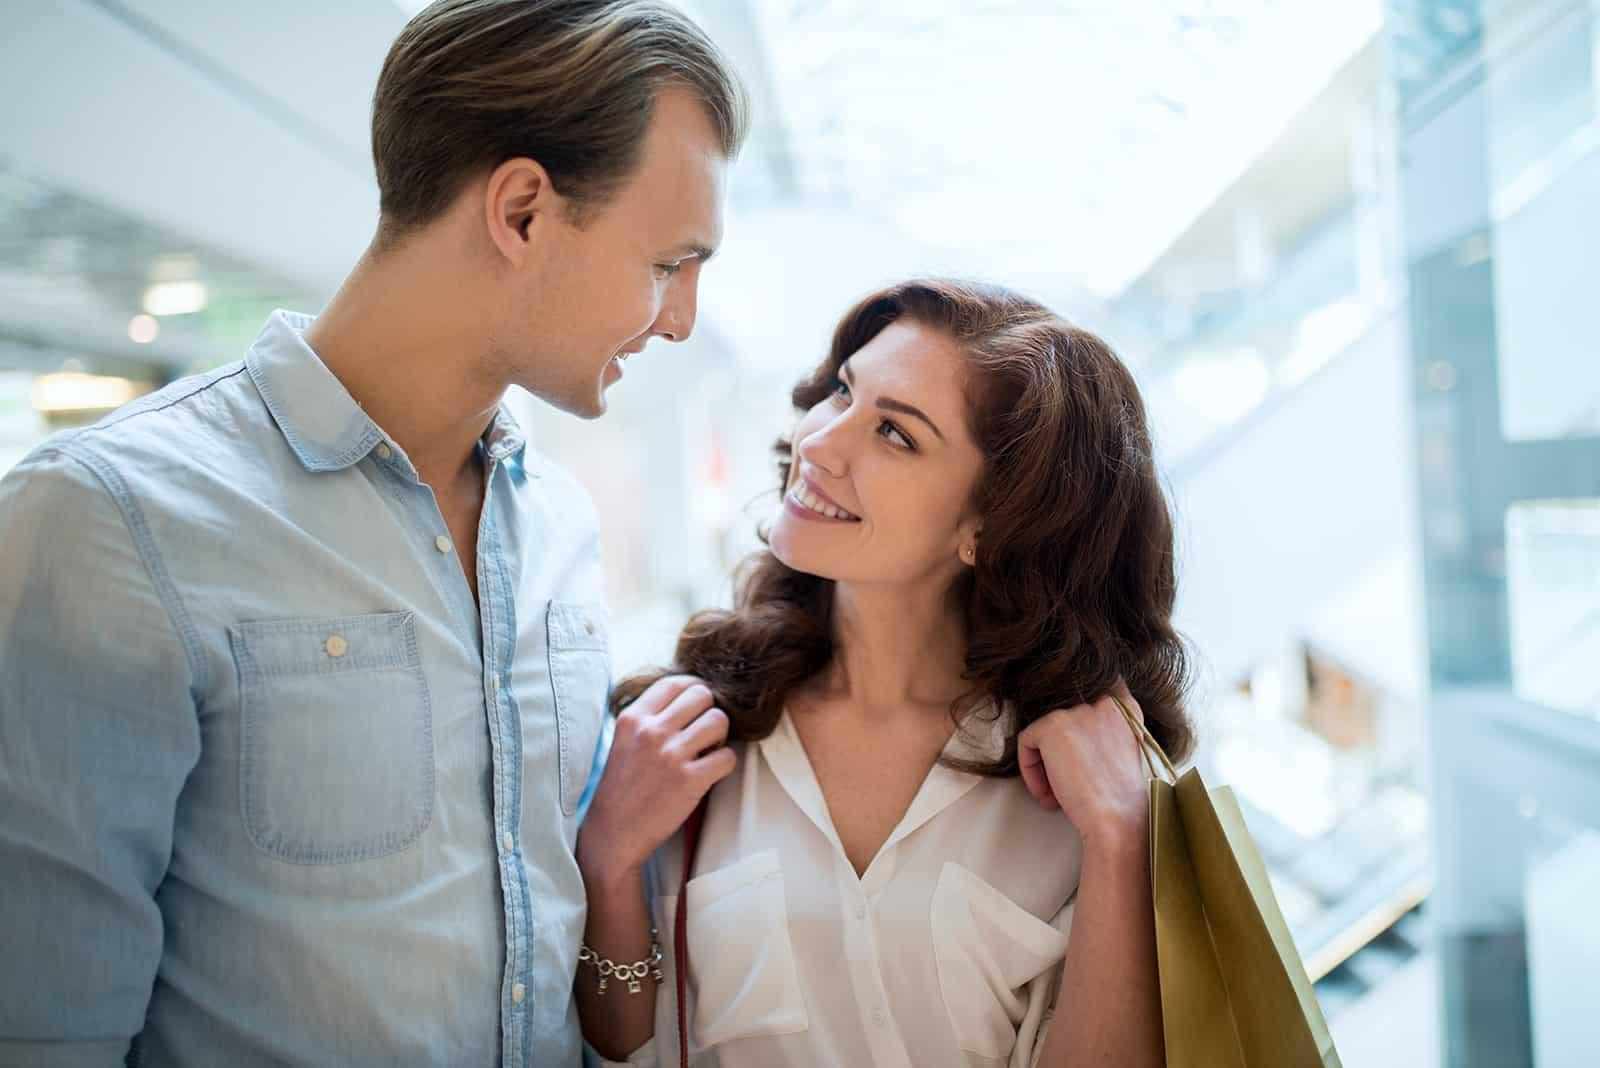 Ein Mann steht einer lächelnden Frau gegenüber, die in seiner Nähe steht